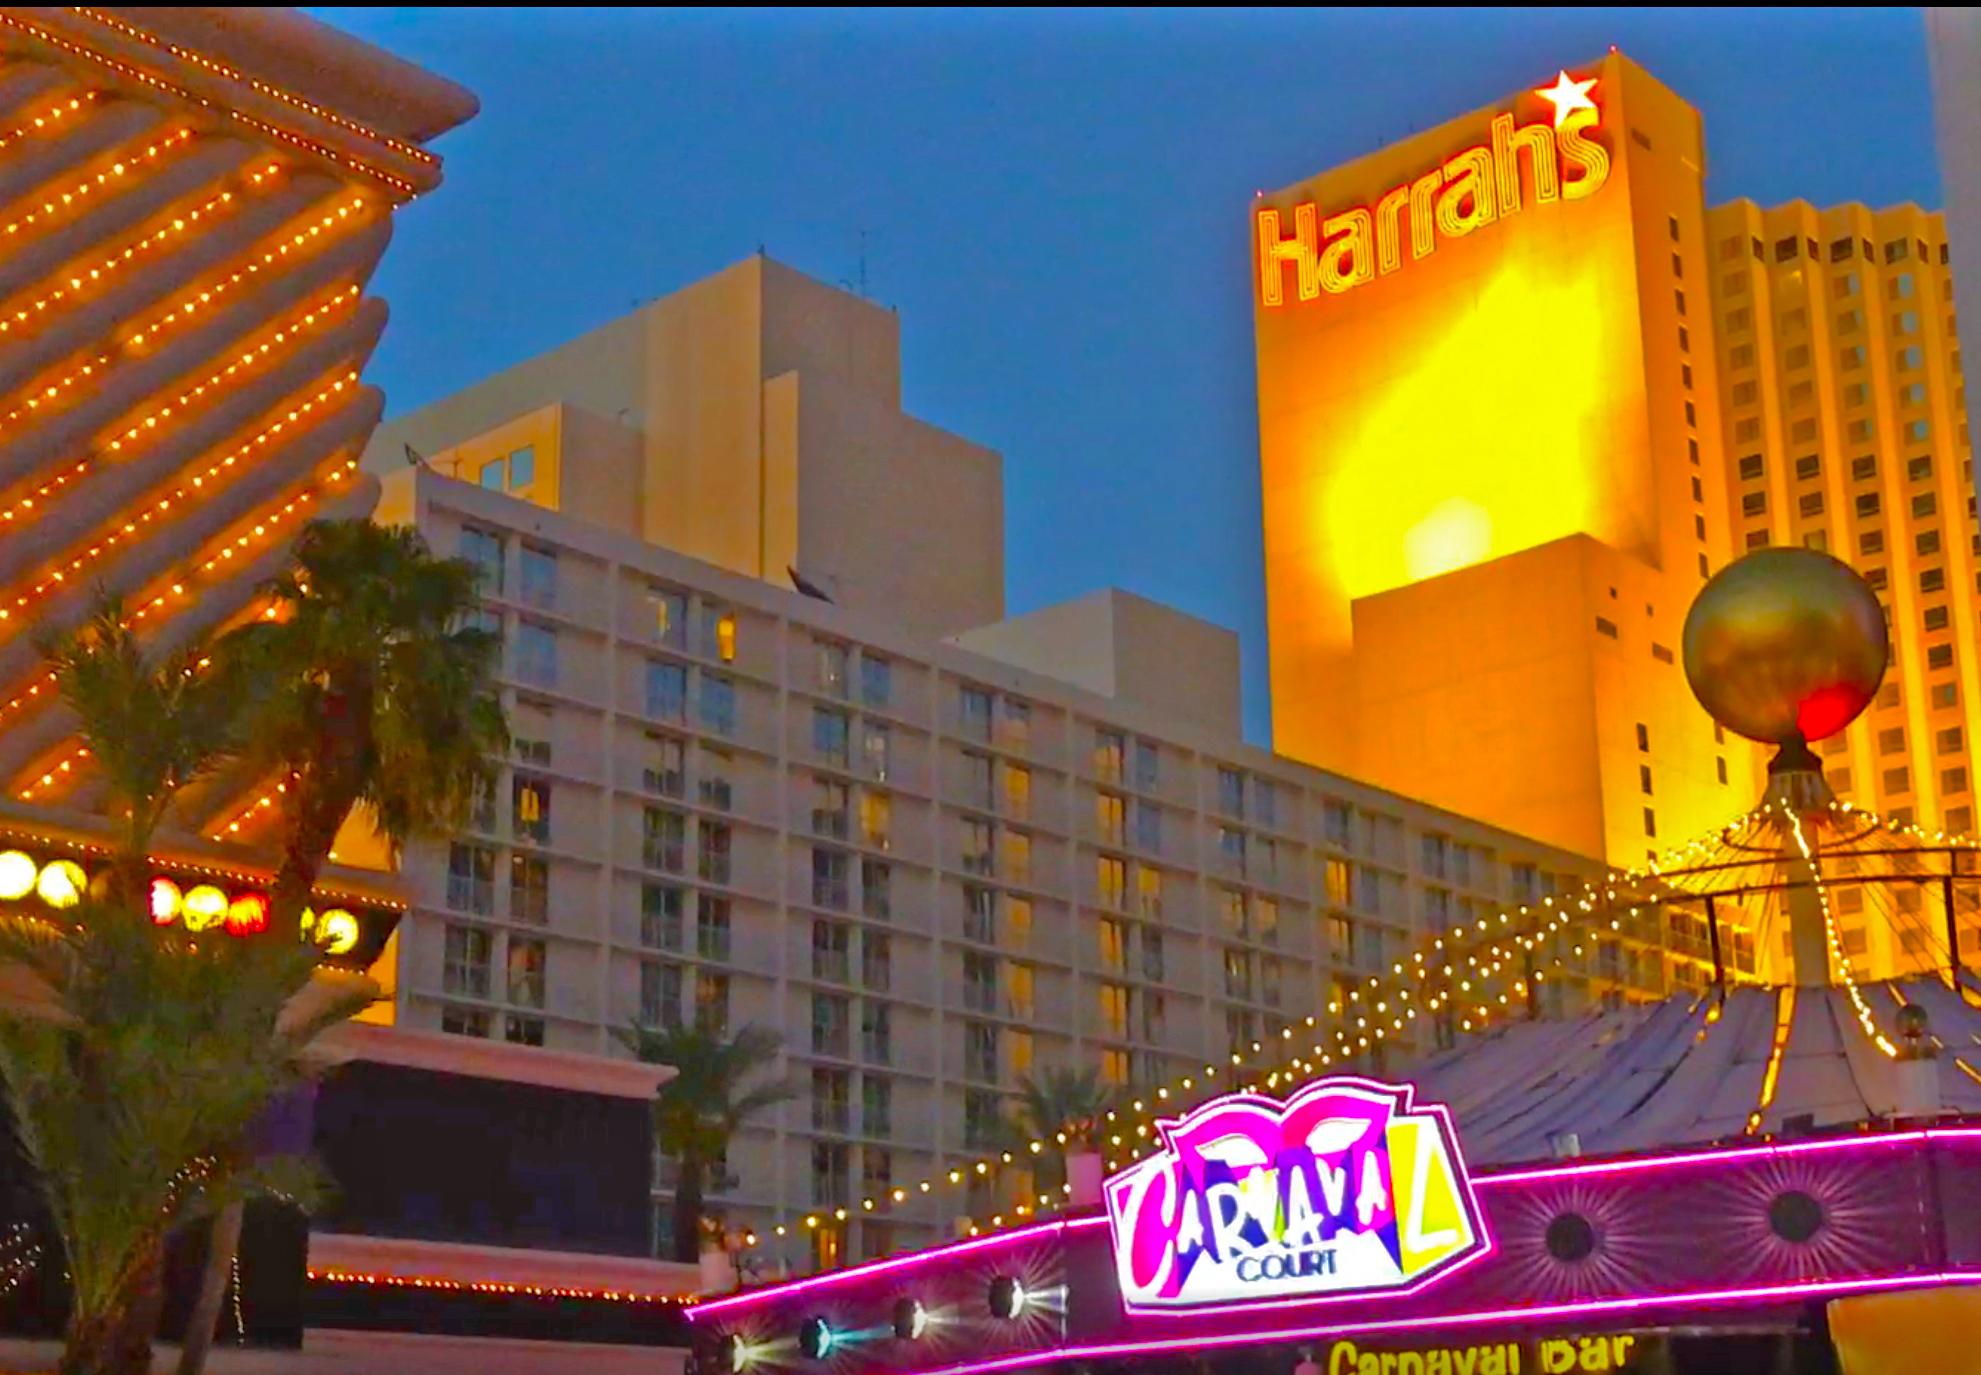 Harrah's - Eröffnet: 1973Casino-Grösse: 8'420m²Resort-Fee: 35 US-DollarZimmeranzahl: 2'672 Zimmer, 94 SuitenNamensgeber ist der frühere Eigentümer, aktuell gehört das Hotel & Casino Caesars Entertainment. Das Ganze wird in einem Fasching-Fasnacht-Design präsentiert (besonders der Eingangbereich). Eine Monorail-Haltestelle ist am Ende des Hotels.